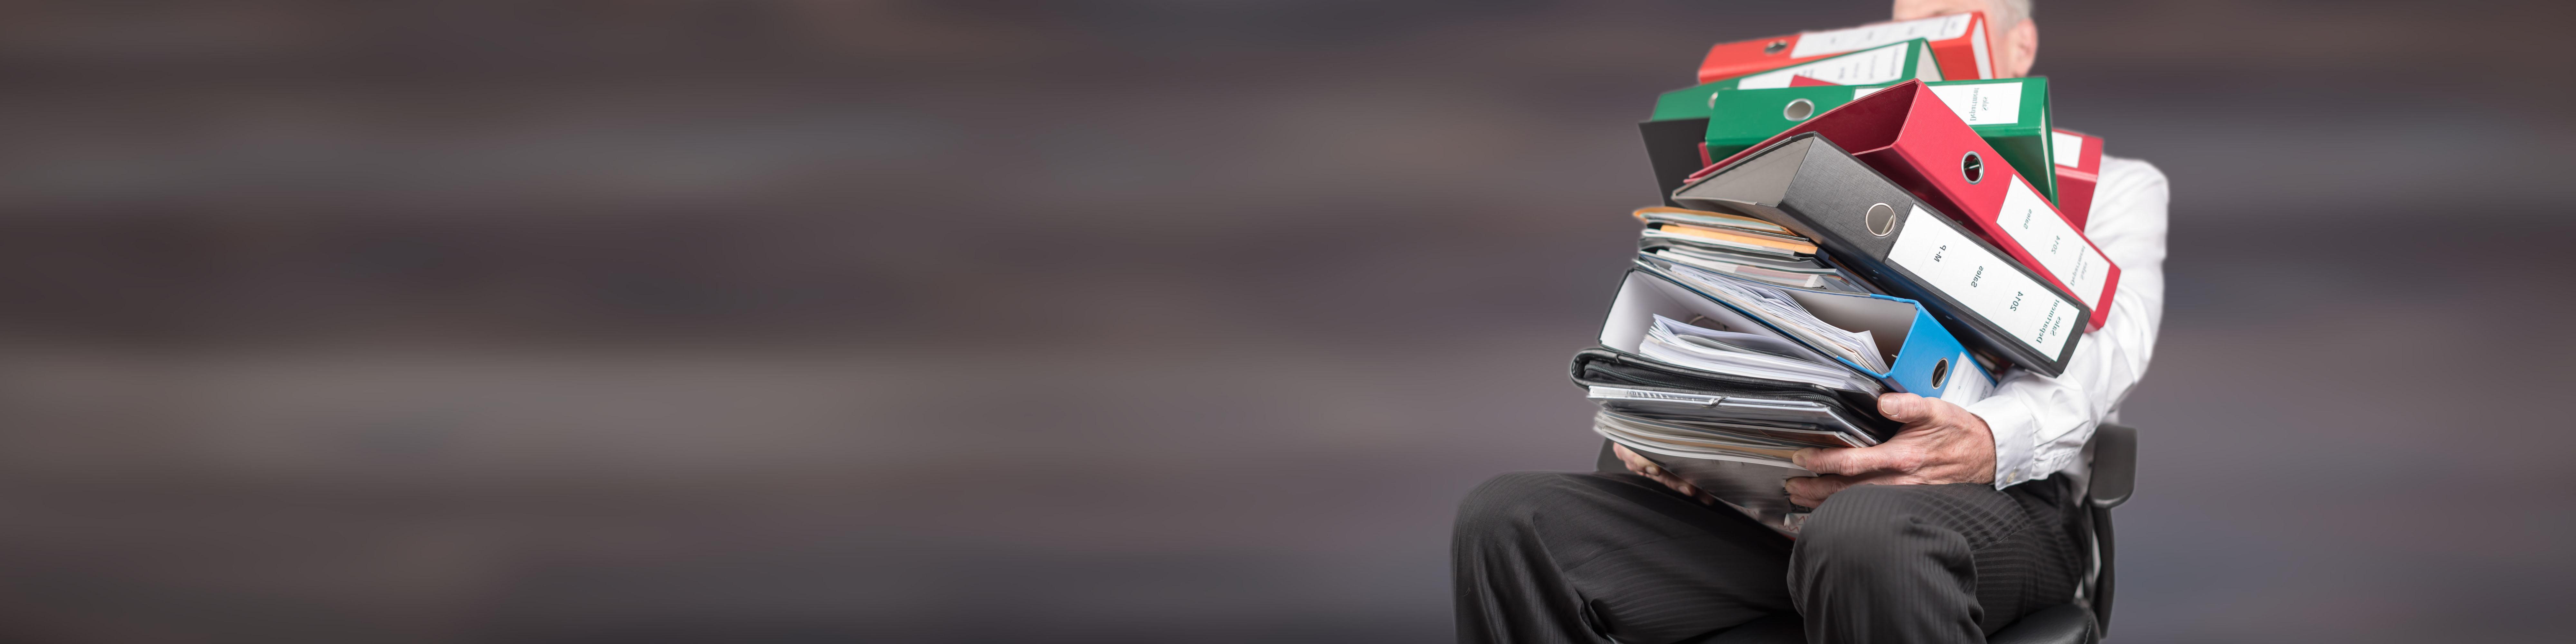 Dokumentation komplexer Anlagen ist nicht statisch, sondern permanentem Wandel unterlegen. Mit Papierdokumentation ist dieser Herausforderung heute nicht mehr Herr zu werden. Bild: ©thodonal - stock.adobe.com